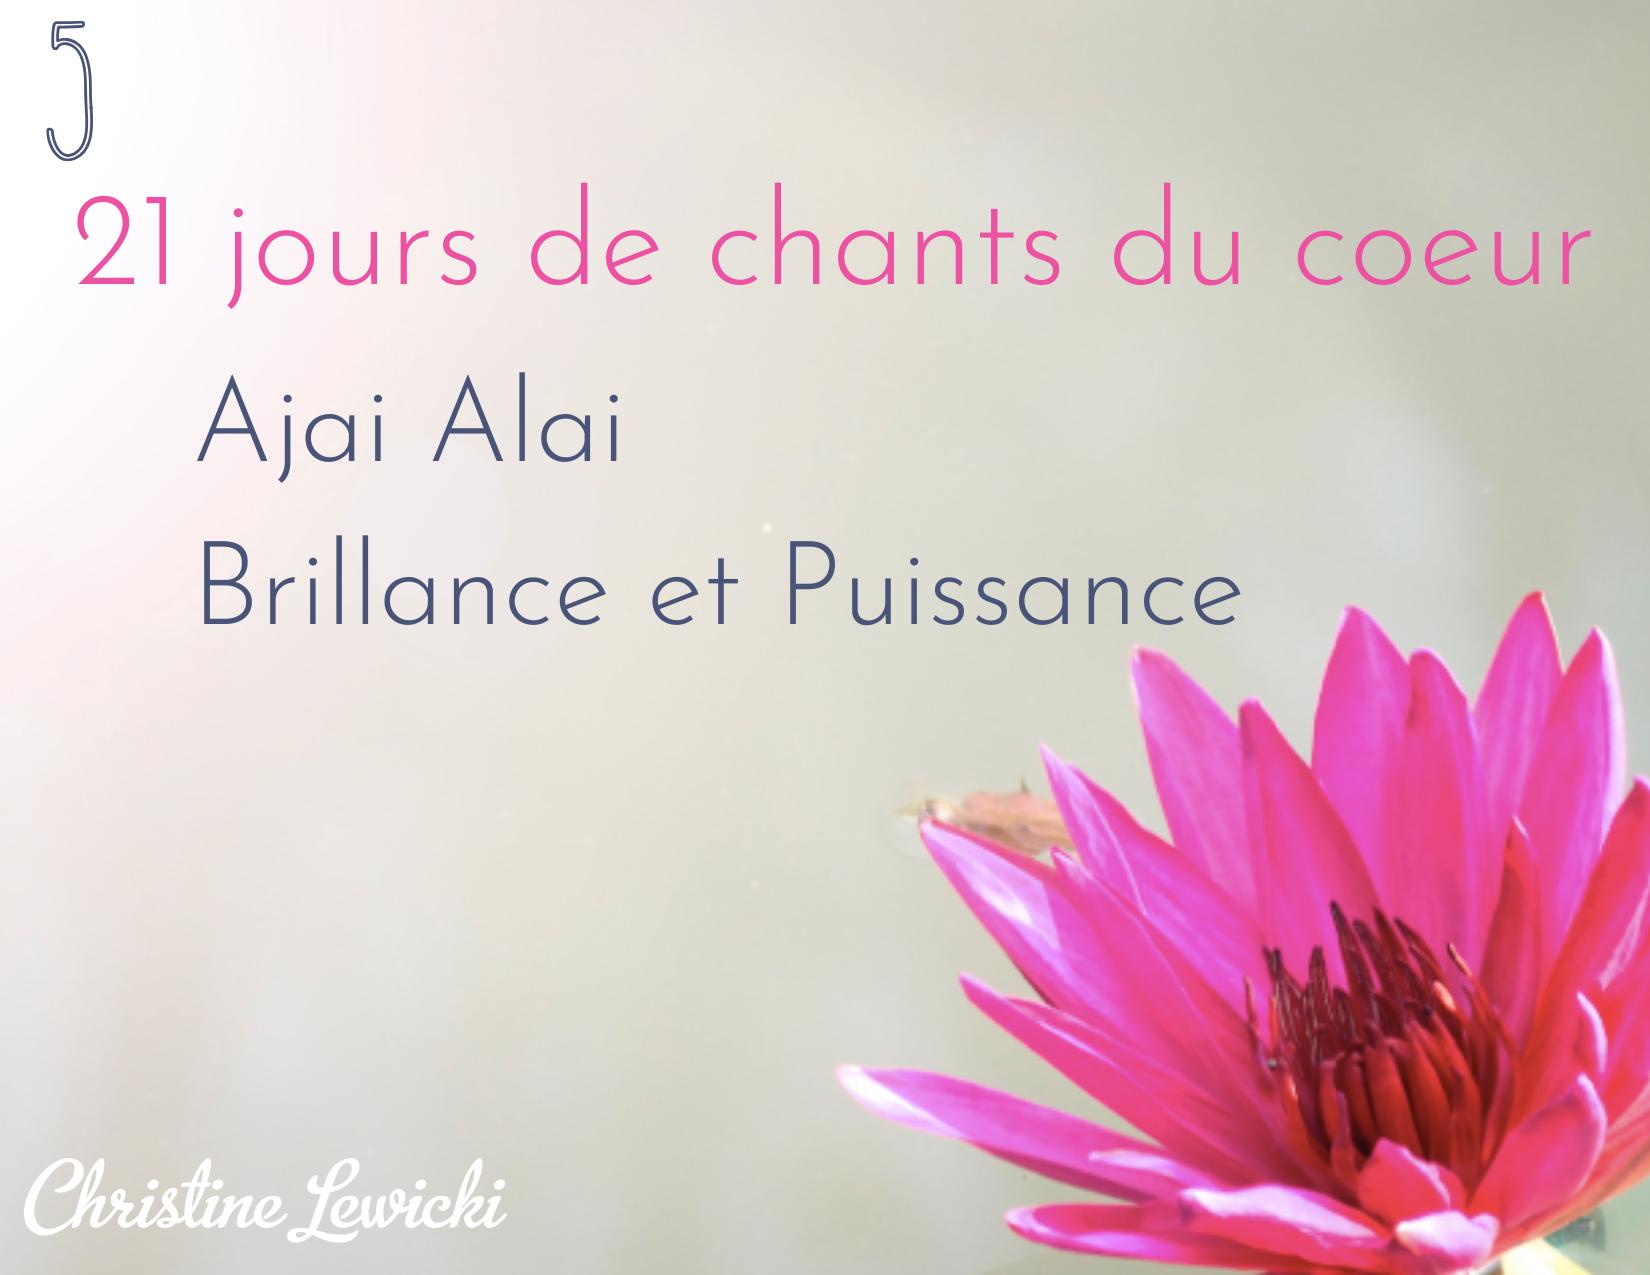 Ajai Alai mantra - brillance et puissance